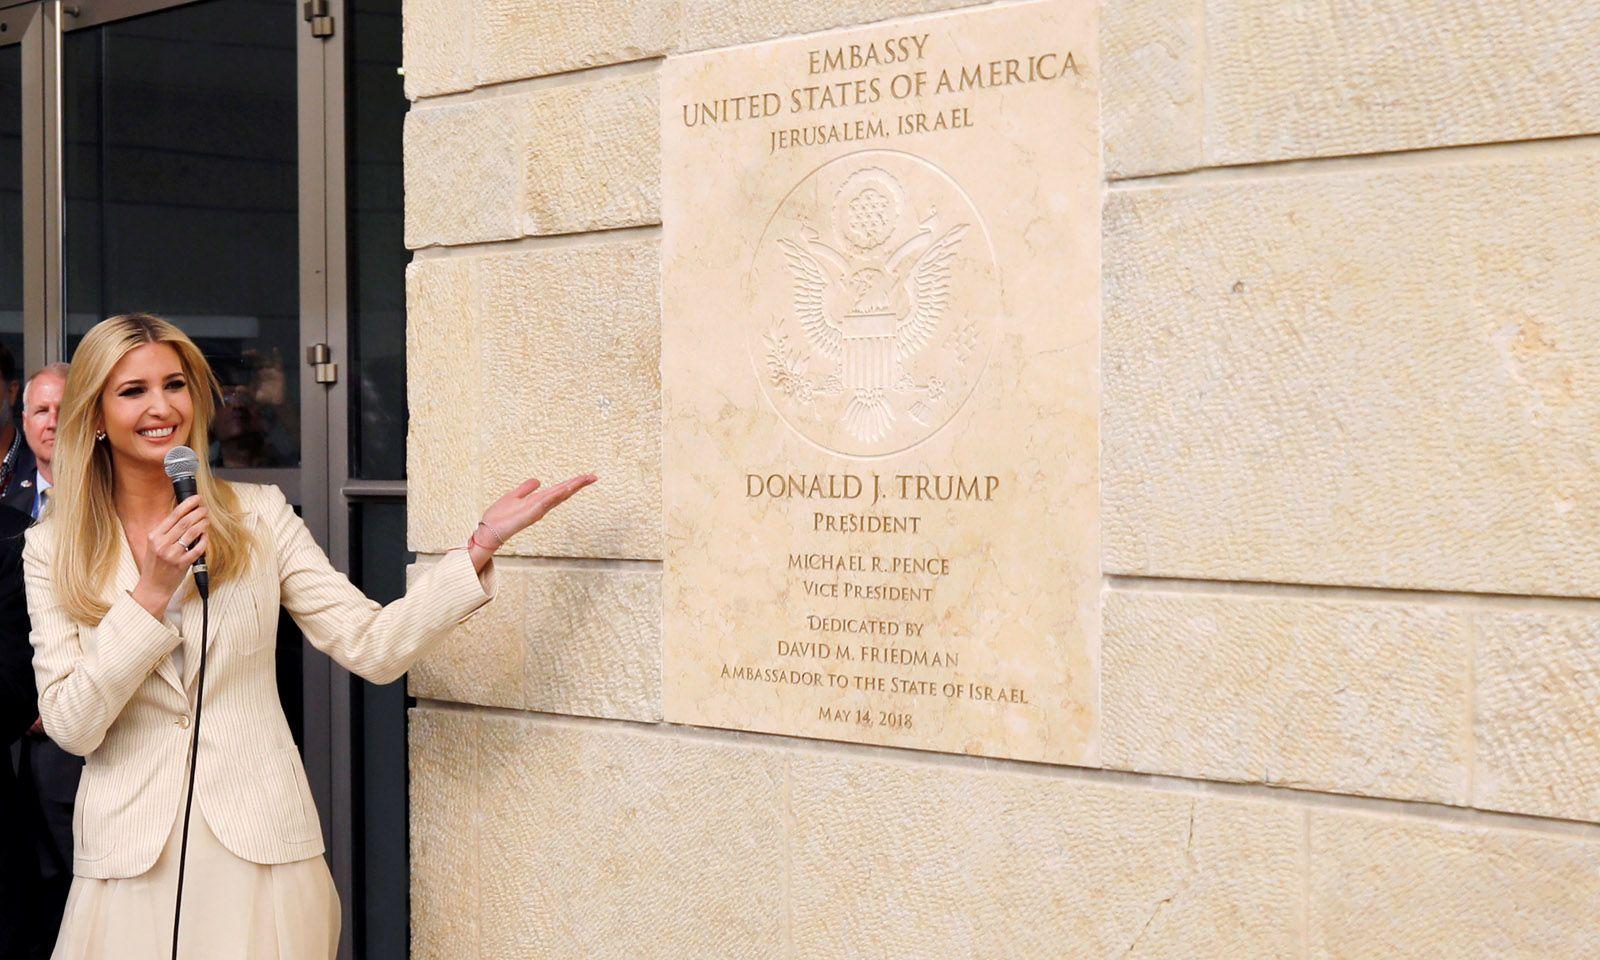 Feier in Jerusalem. Ivanka Trump, die Tochter des US-Präsidenten, bei der Eröffnung der neuen US-Botschaft.